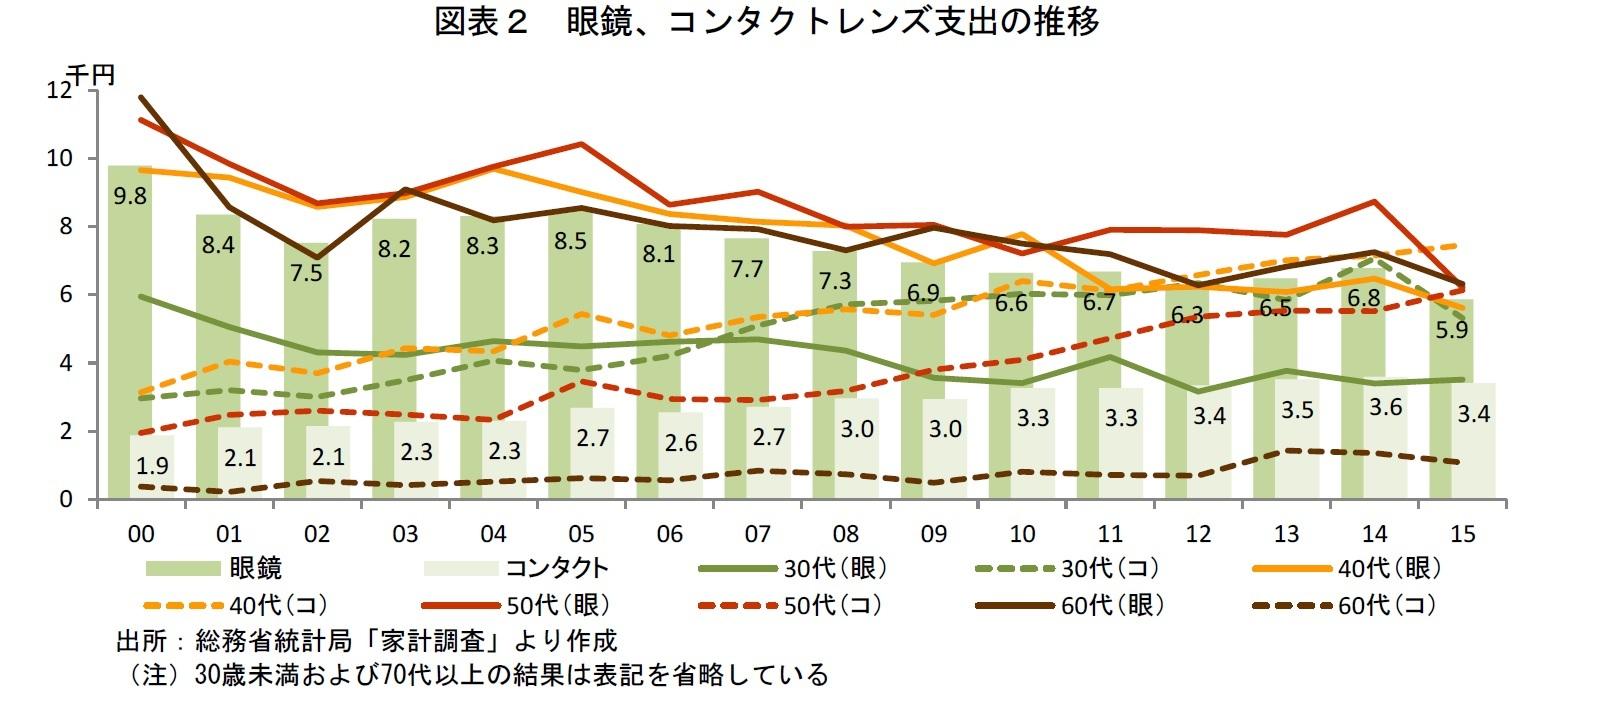 図表2 眼鏡、コンタクトレンズ支出の推移